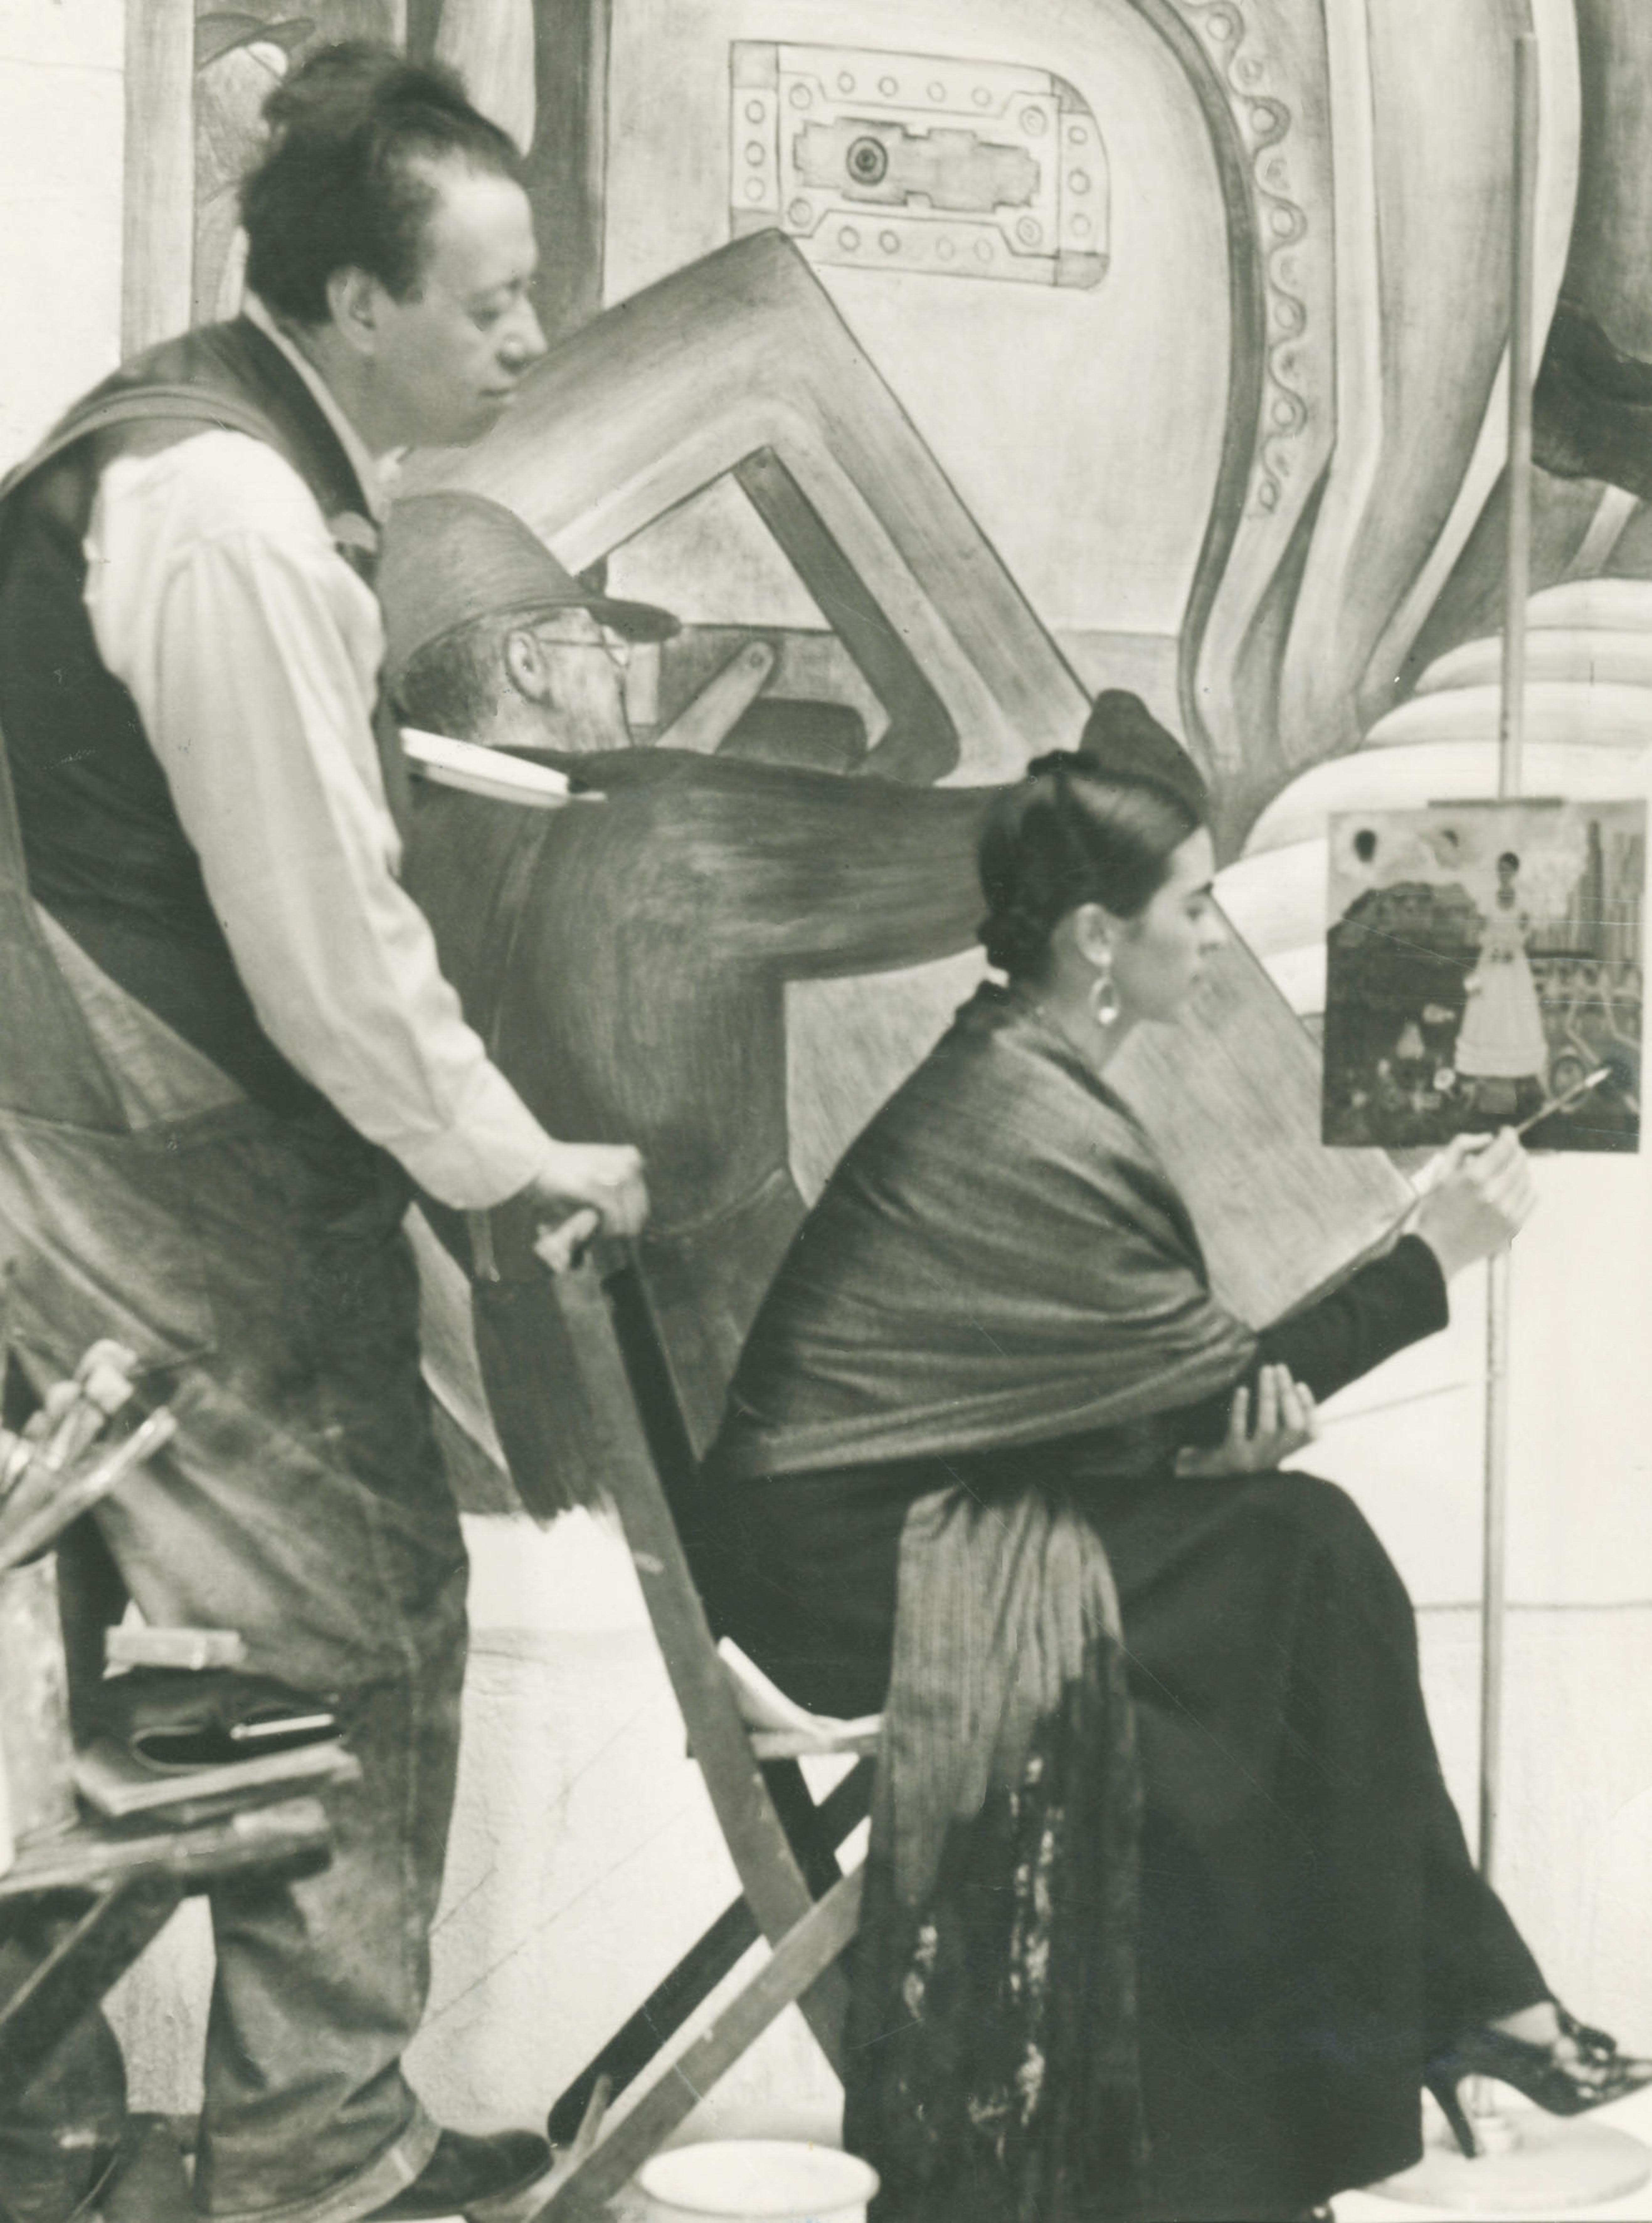 Diego Rivera and Frida Kahlo. Foto di Gerardo Suter